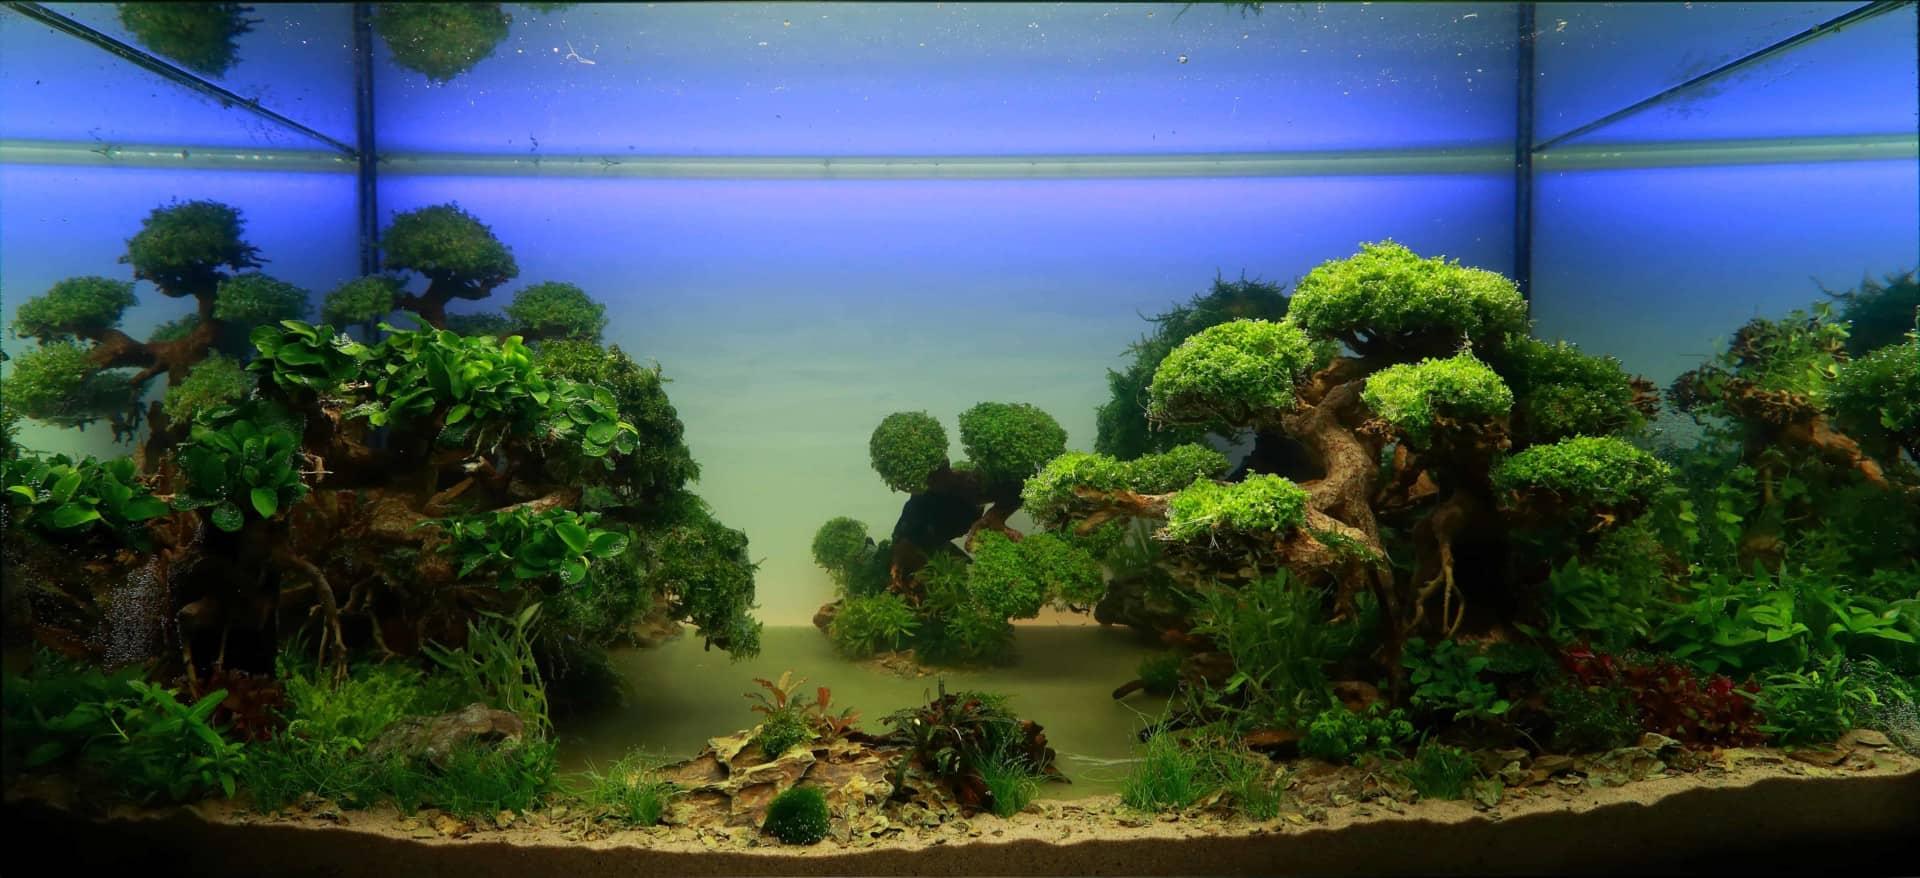 191 - The Art of the Planted Aquarium - Neuheiten und Möglichkeiten zum Mitmachen im April 2019 (Stefanie Hesse) 10